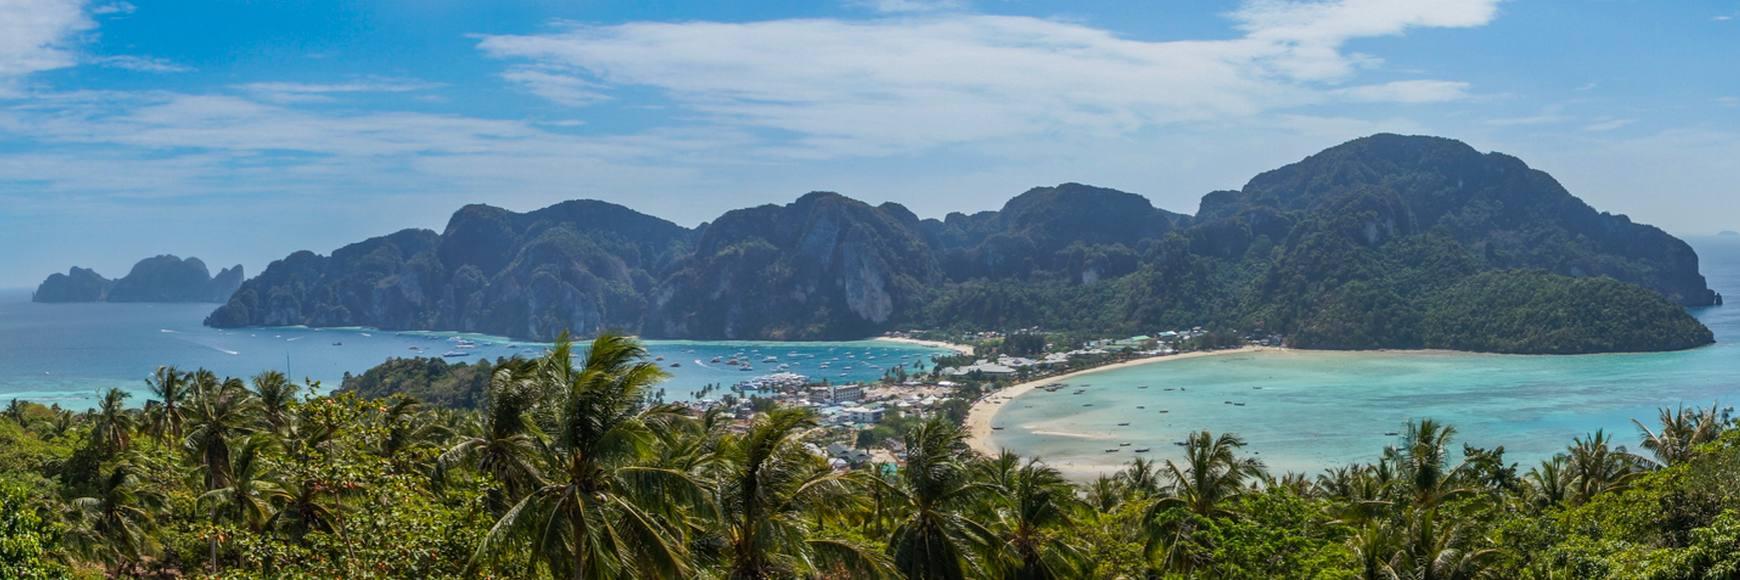 Location catamaran Thaïlande